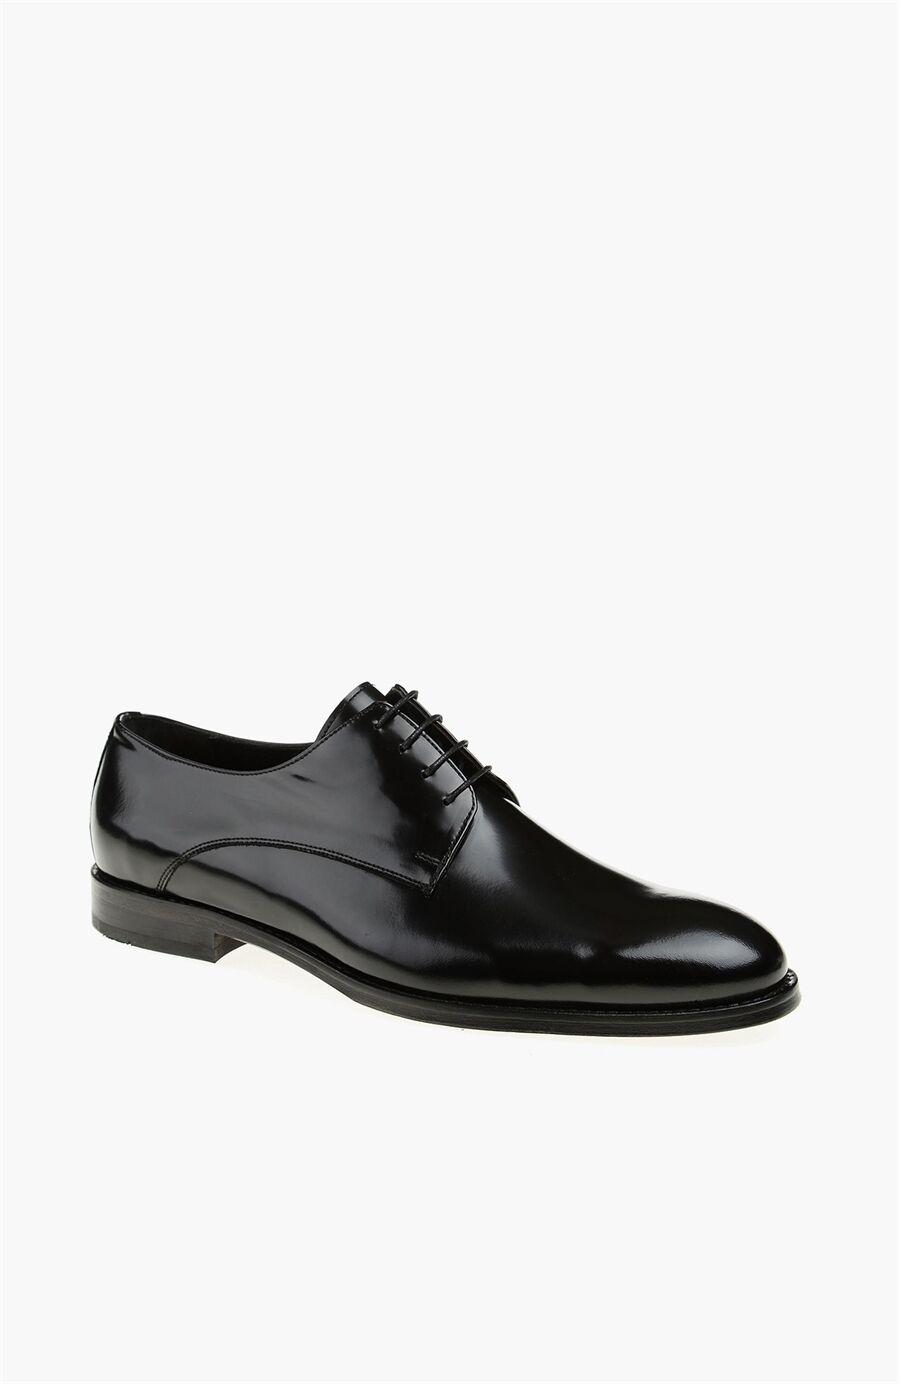 Siyah Deri Erkek Ayakkabı